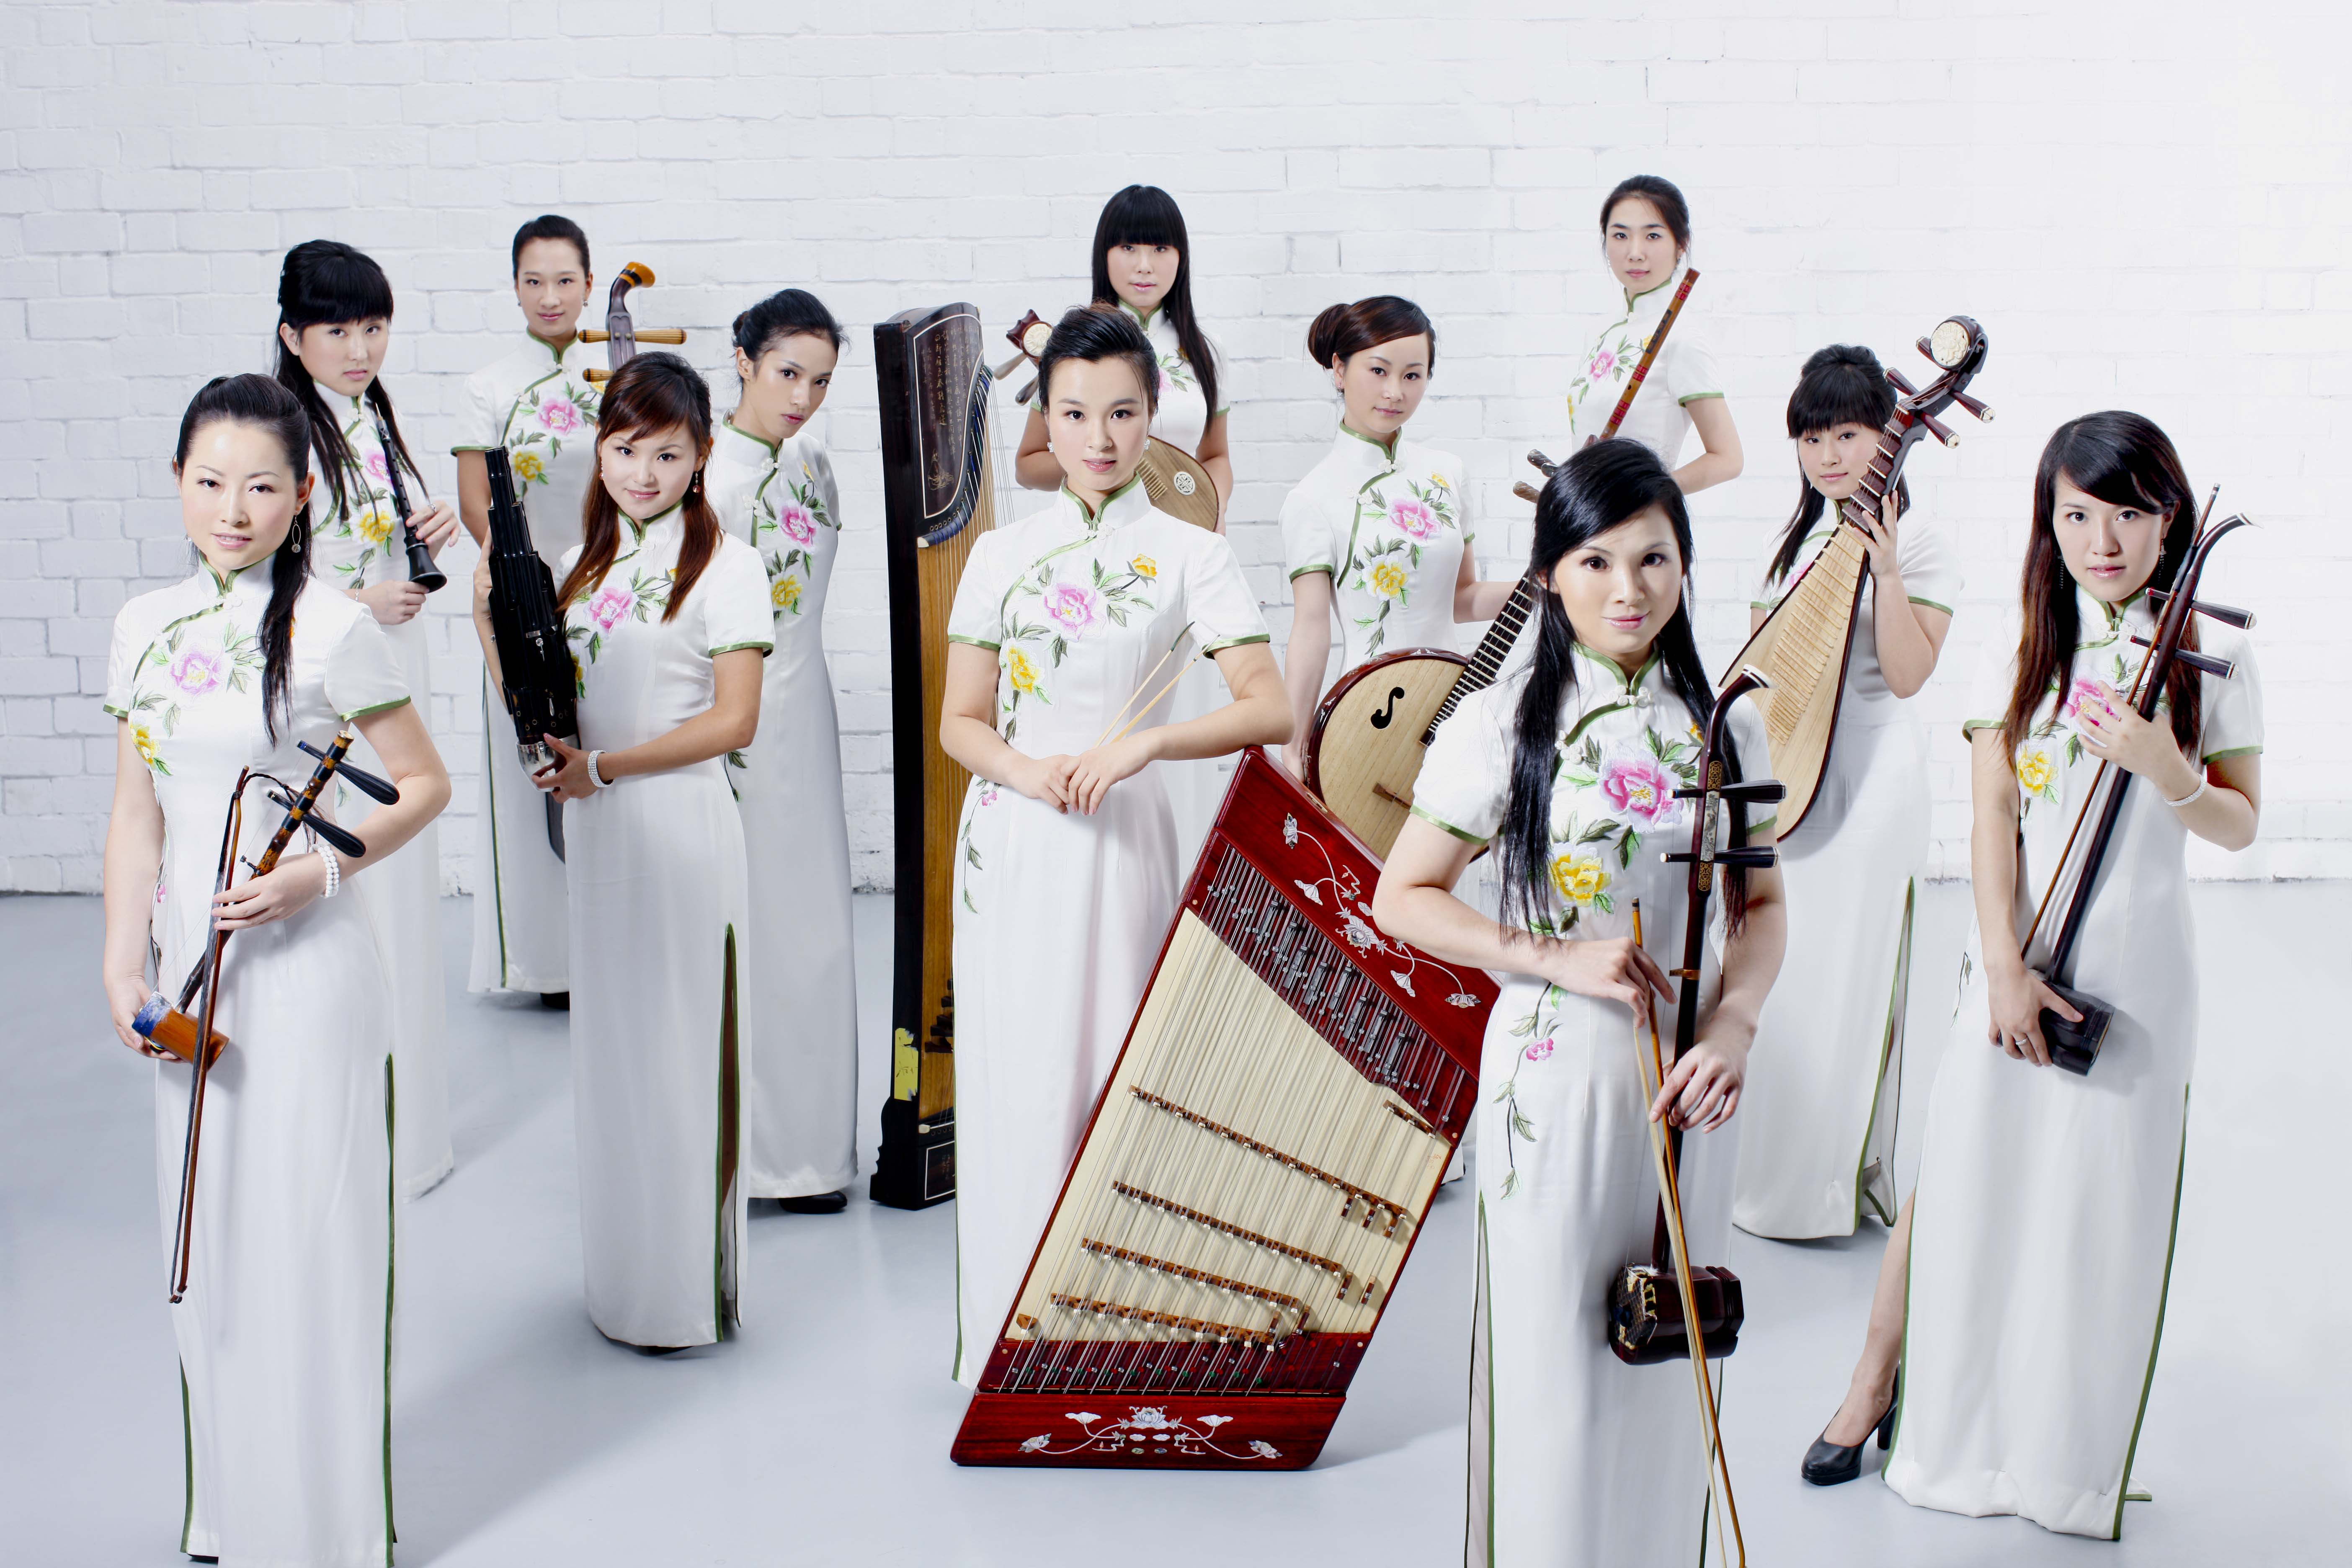 Картинки группы музыки китай